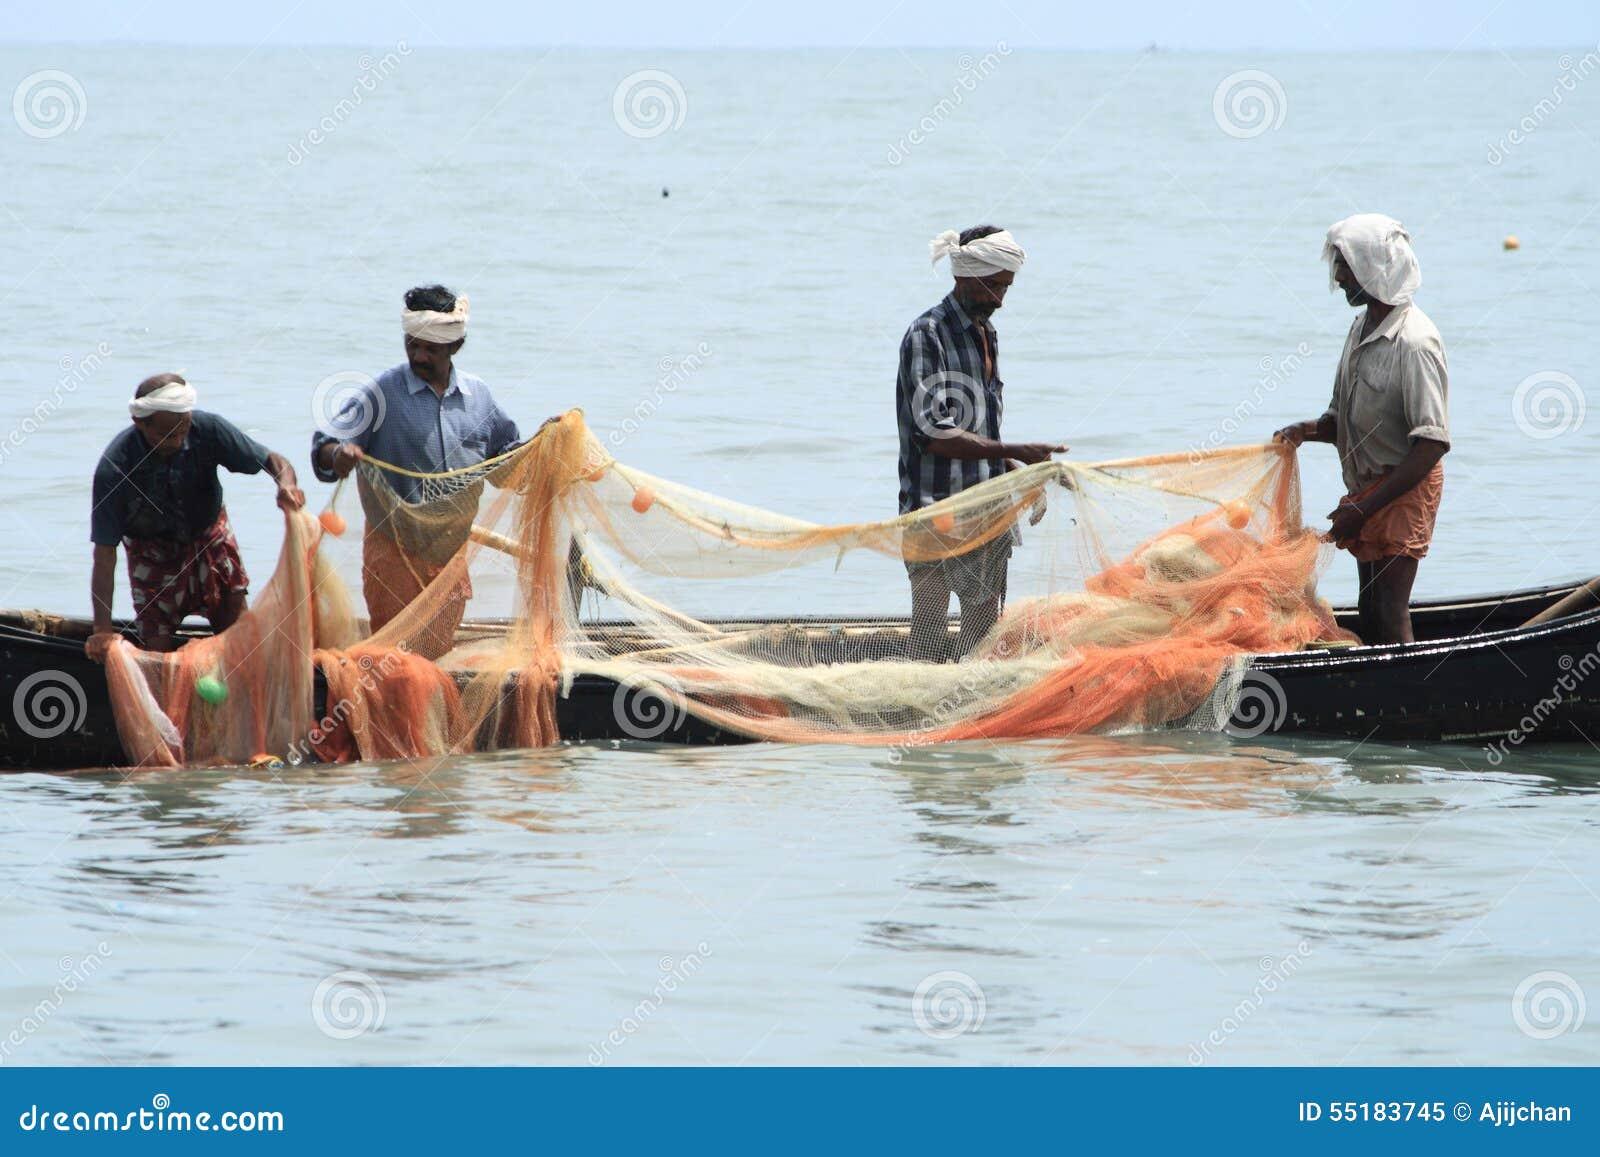 что такое рыбалка википедия